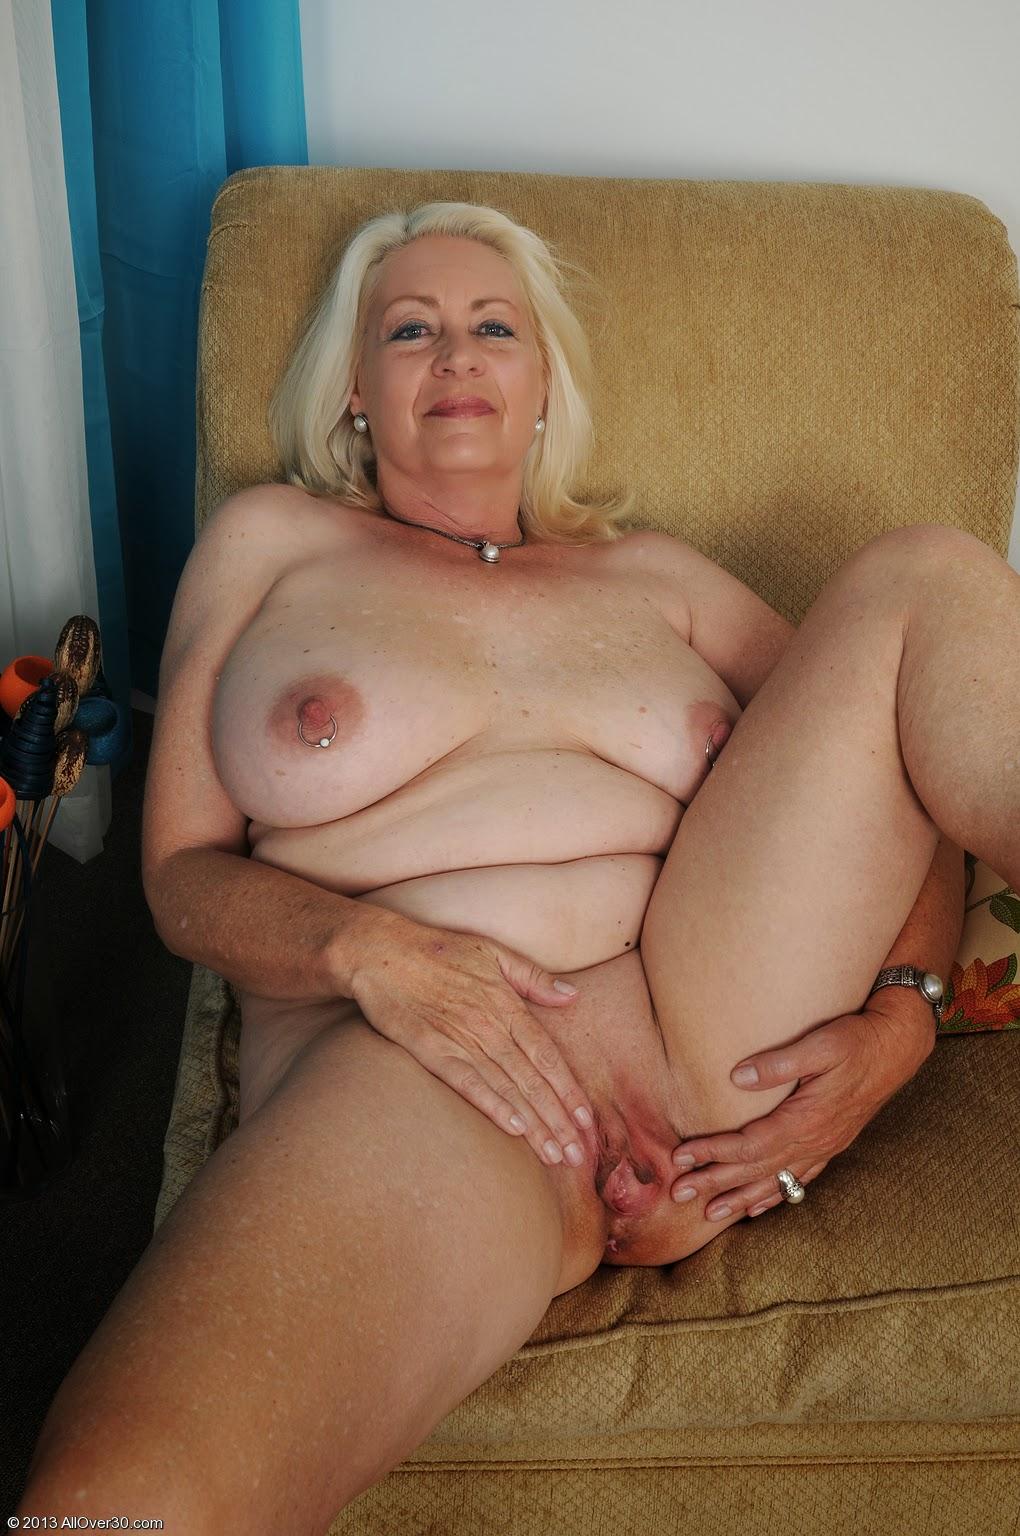 Бабушки от 60 лет русские порно